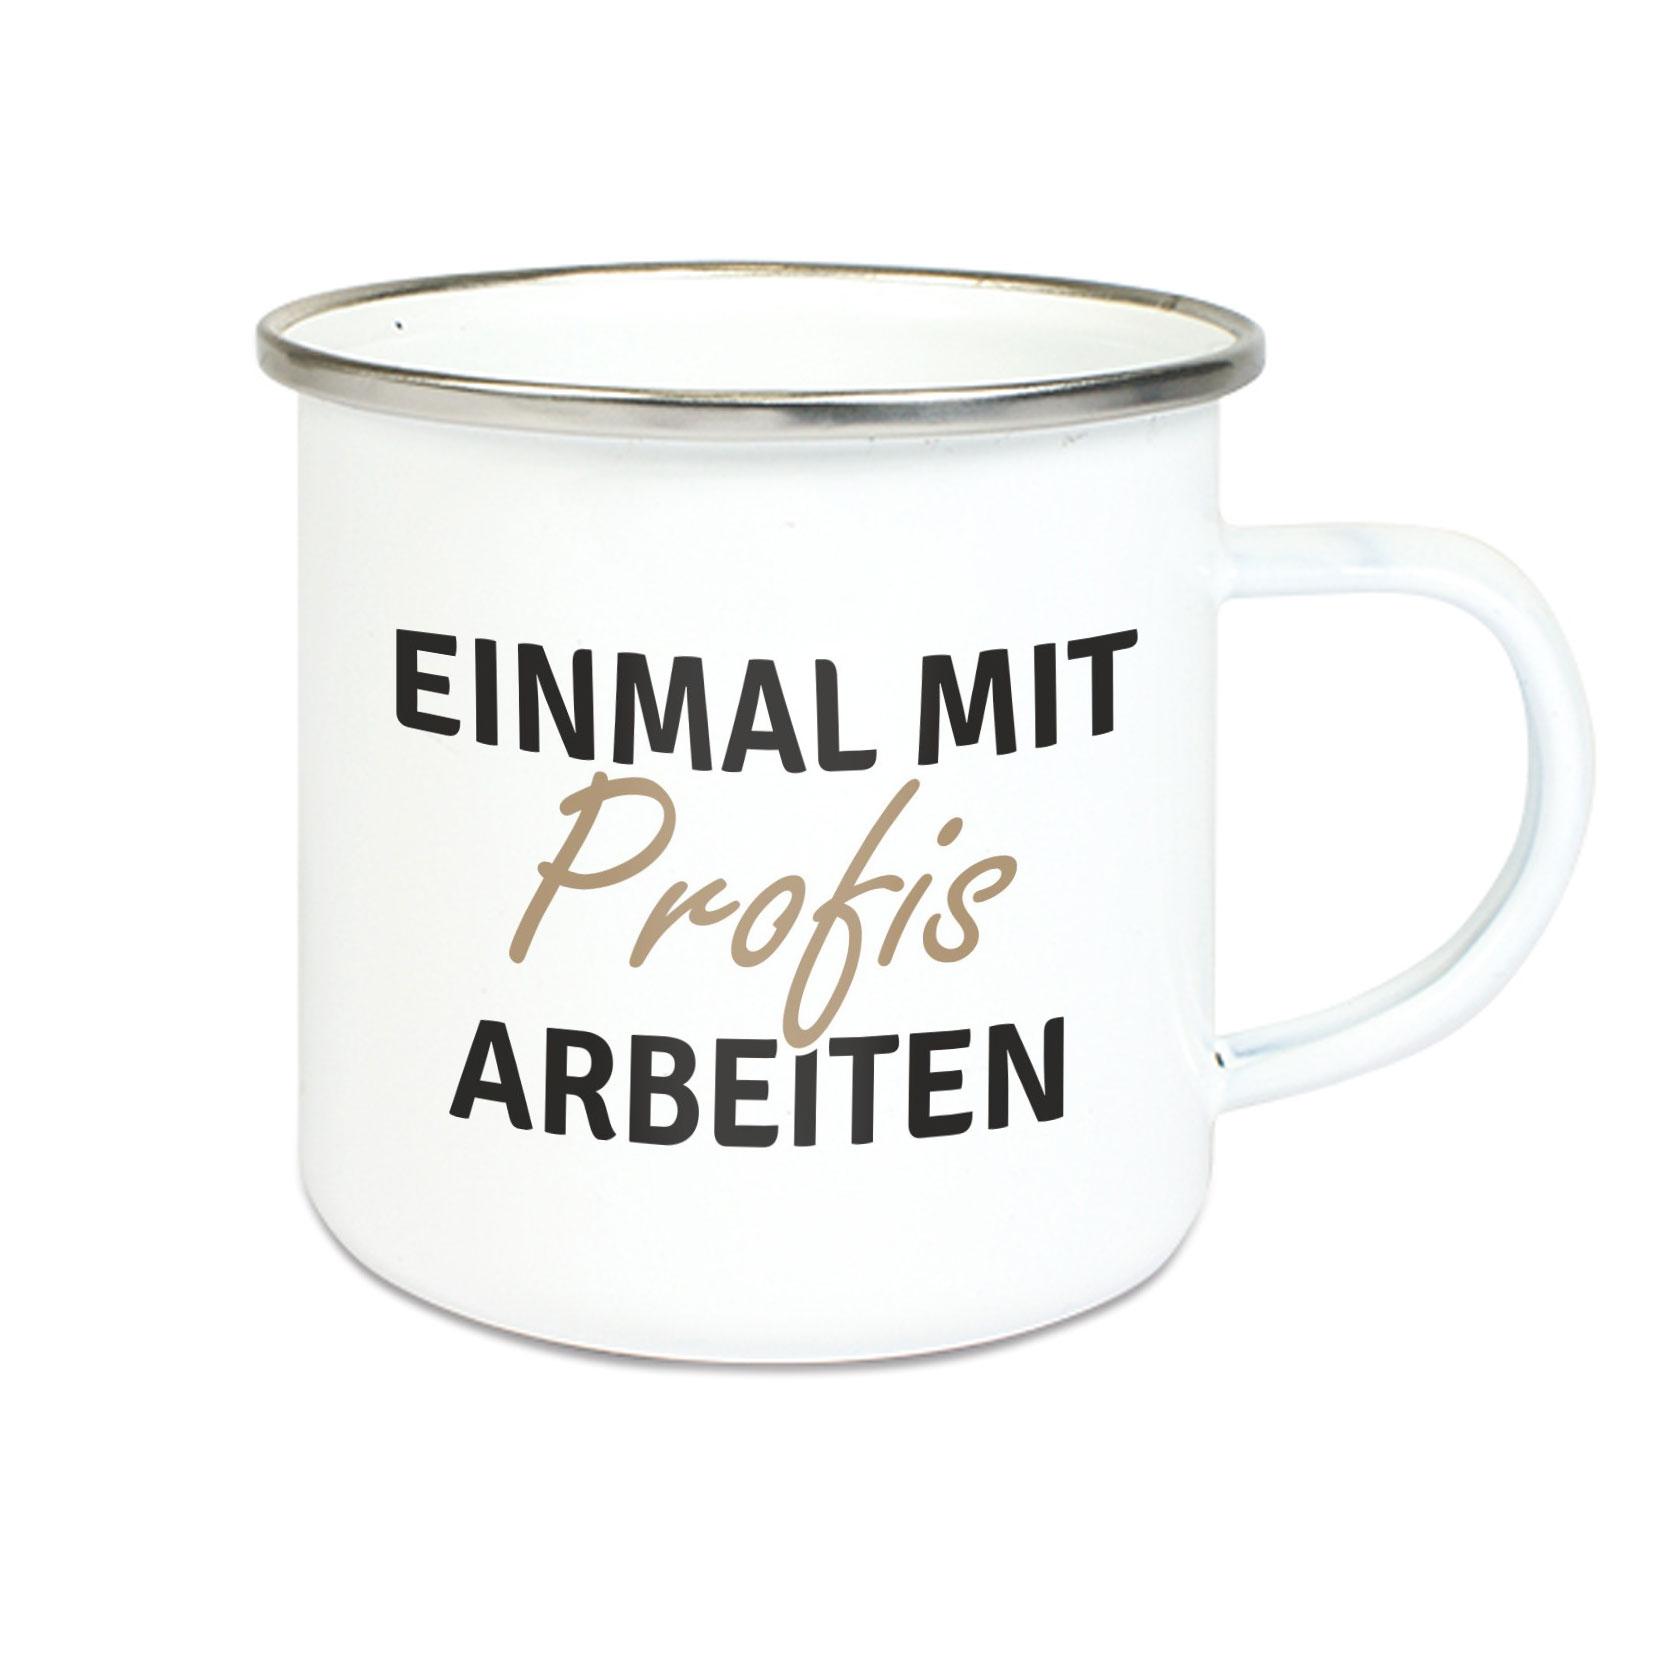 Emalie Tasse: EINMAL MIT PROFIS ARBEITEN Kaffeebecher Kaffeetasse bedruckt